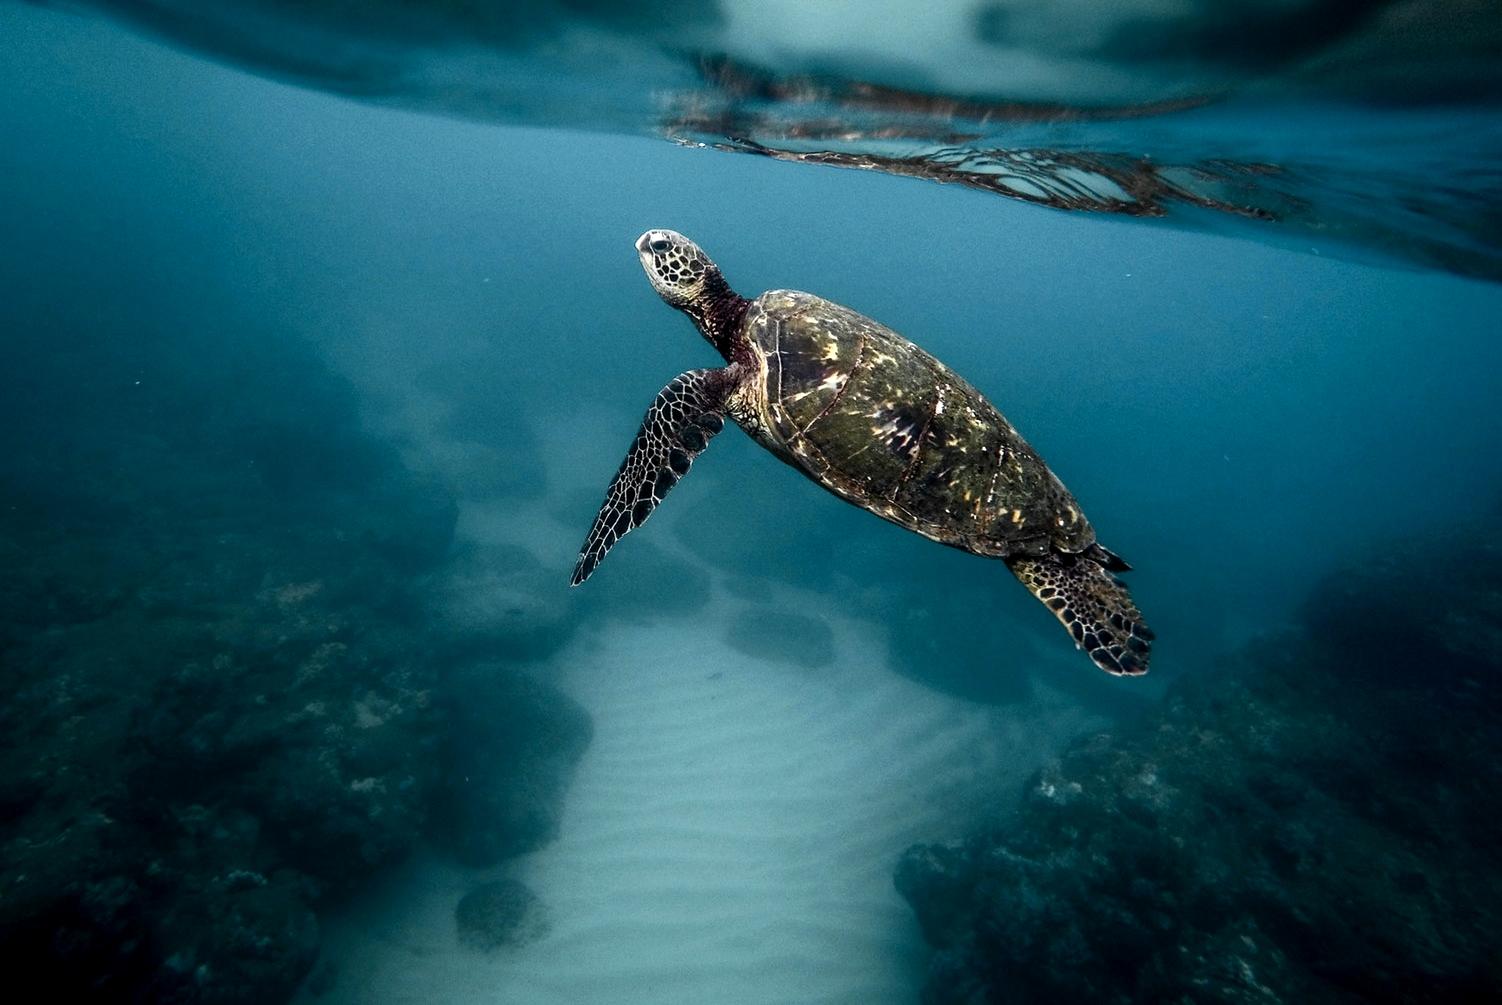 blog-voyage-couple-parfums-de-liberte-leo-et-julie-petit-budget-sri-lanka-polhena-beach-tortue-turtle-home-mirissa-baleines